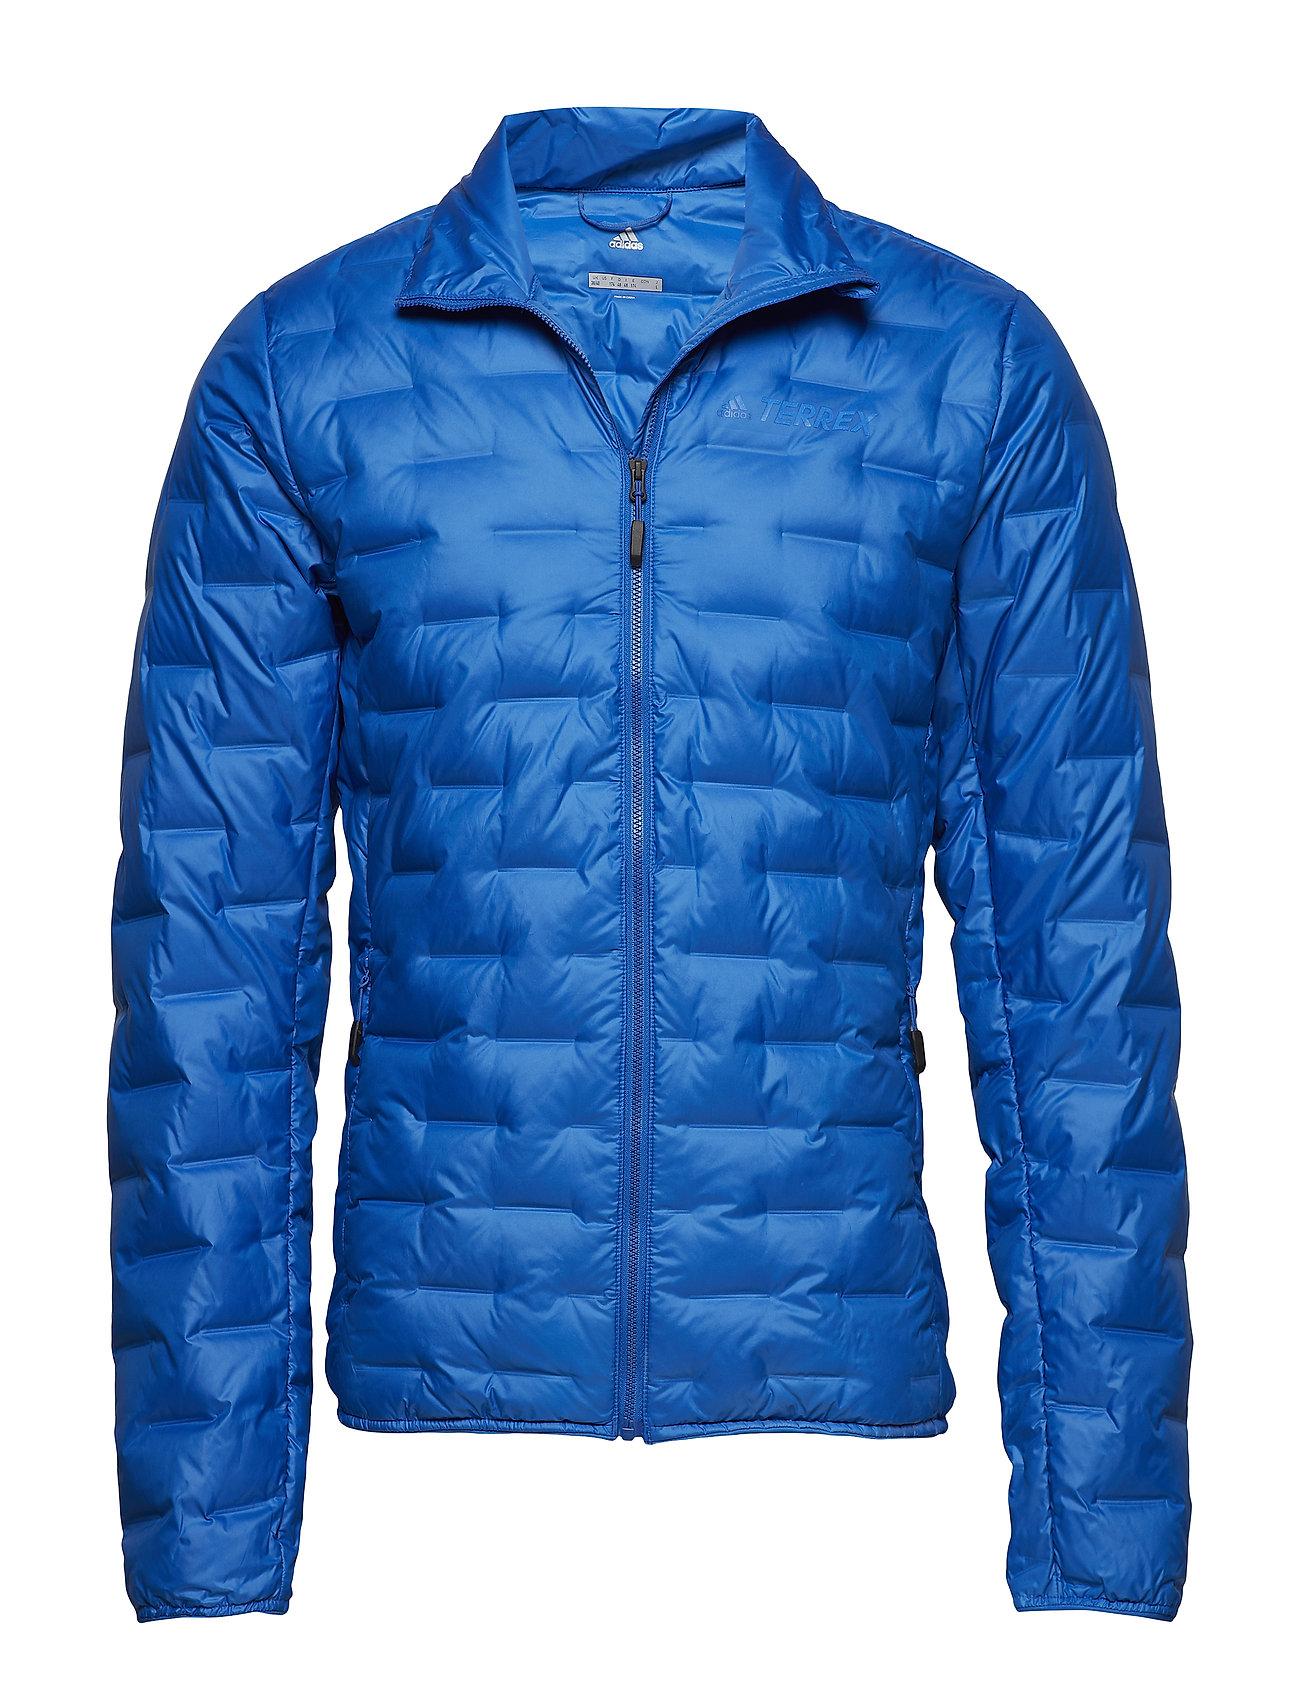 adidas icy blue jacke